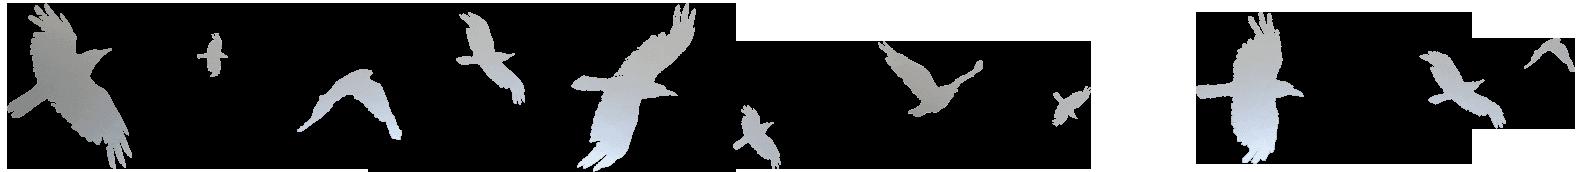 CrowFoil-compressor copy.png